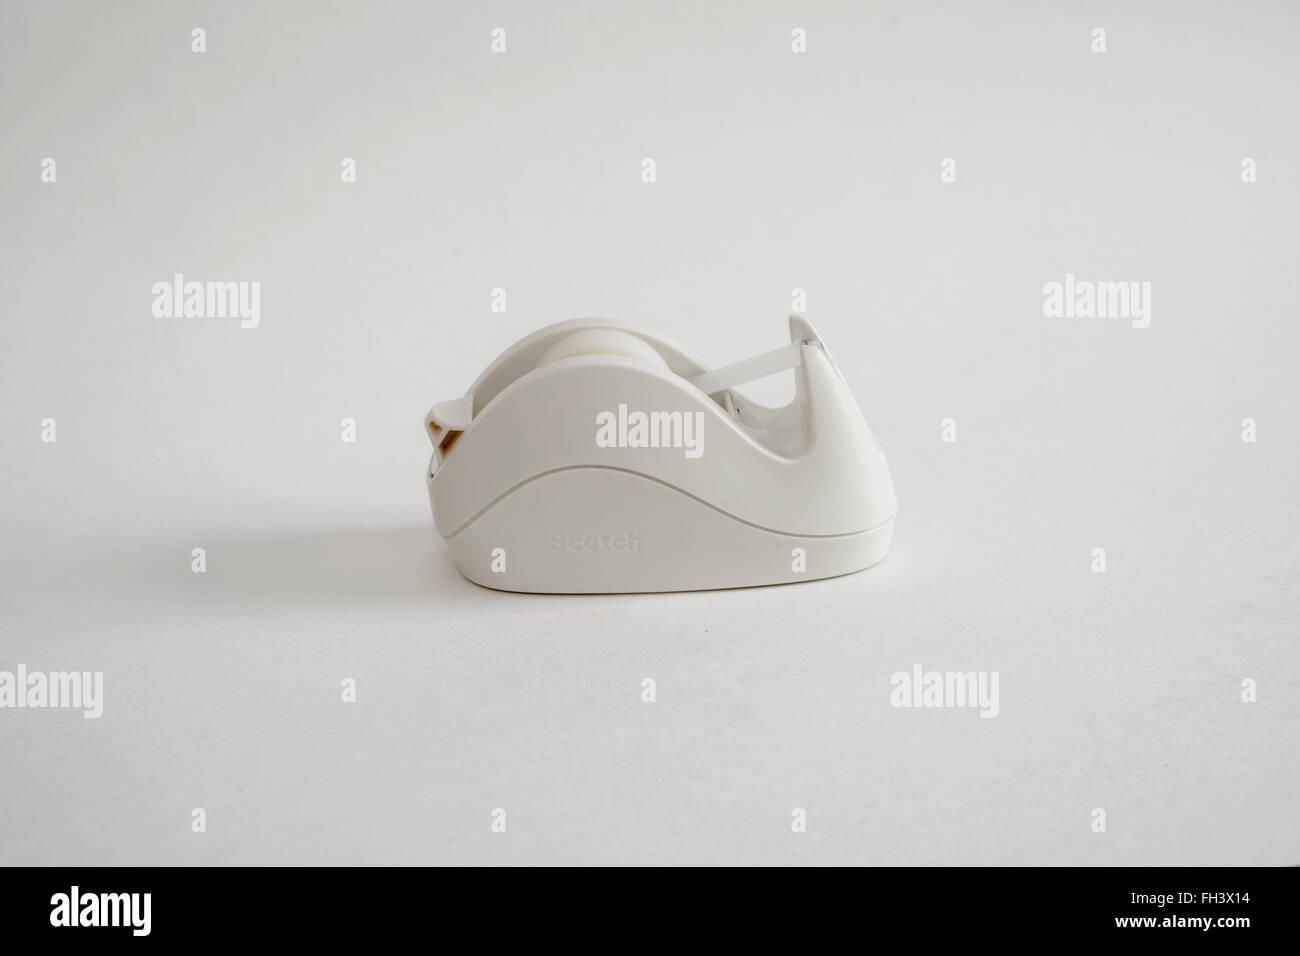 Elegant white tape dispenser - Stock Image